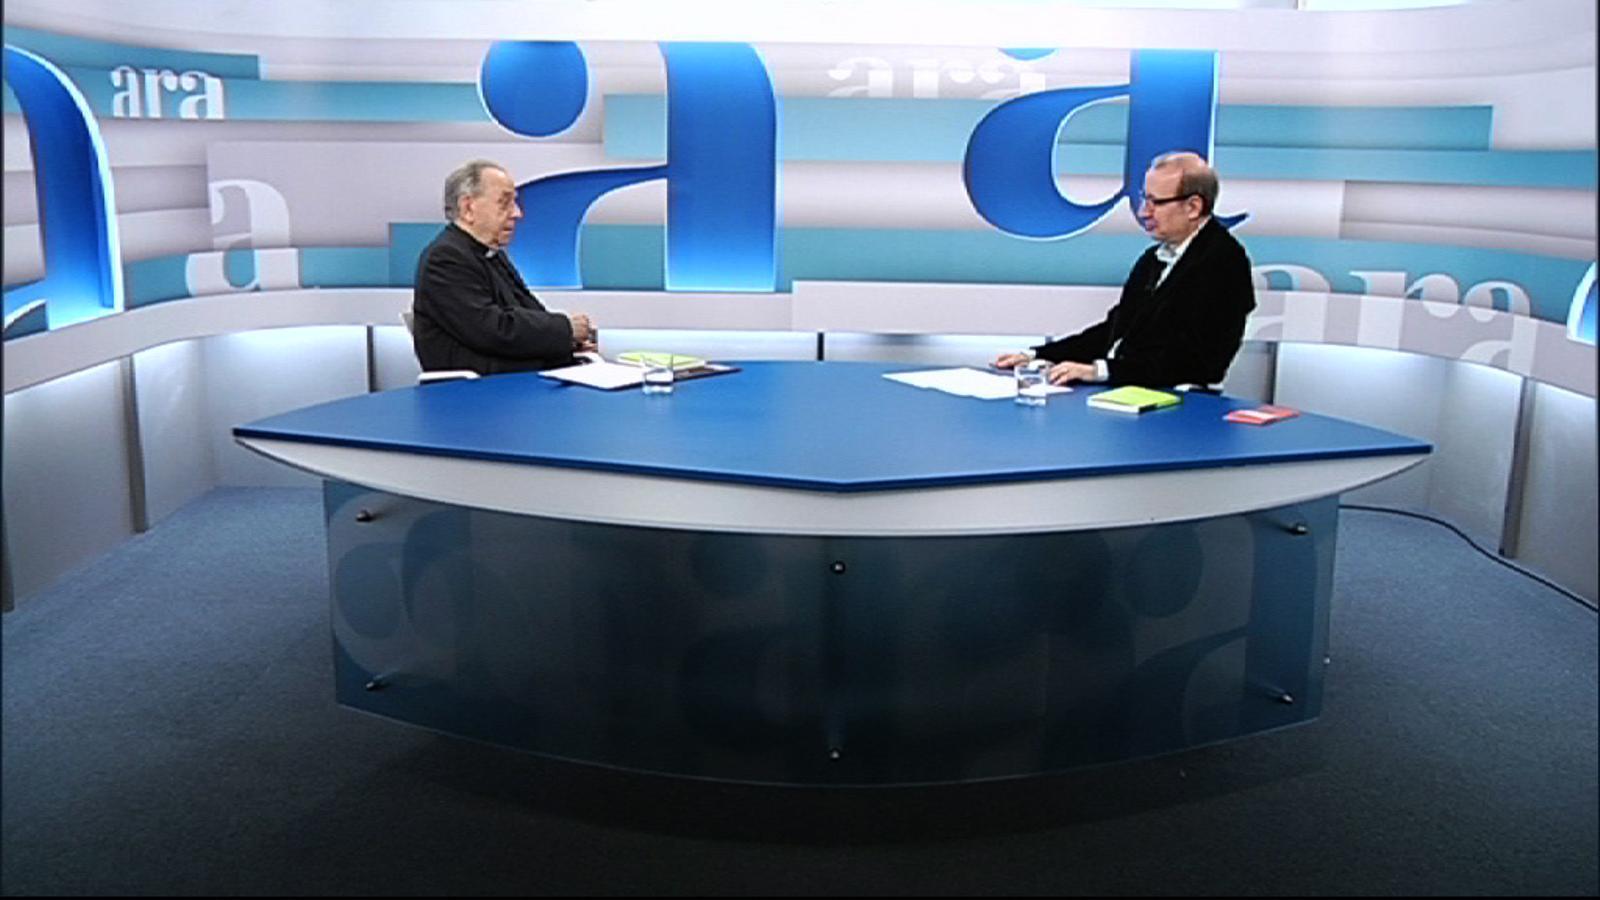 Entrevista d'Antoni Bassas a Juan María Uriarte, per l''Ara TV Premium'